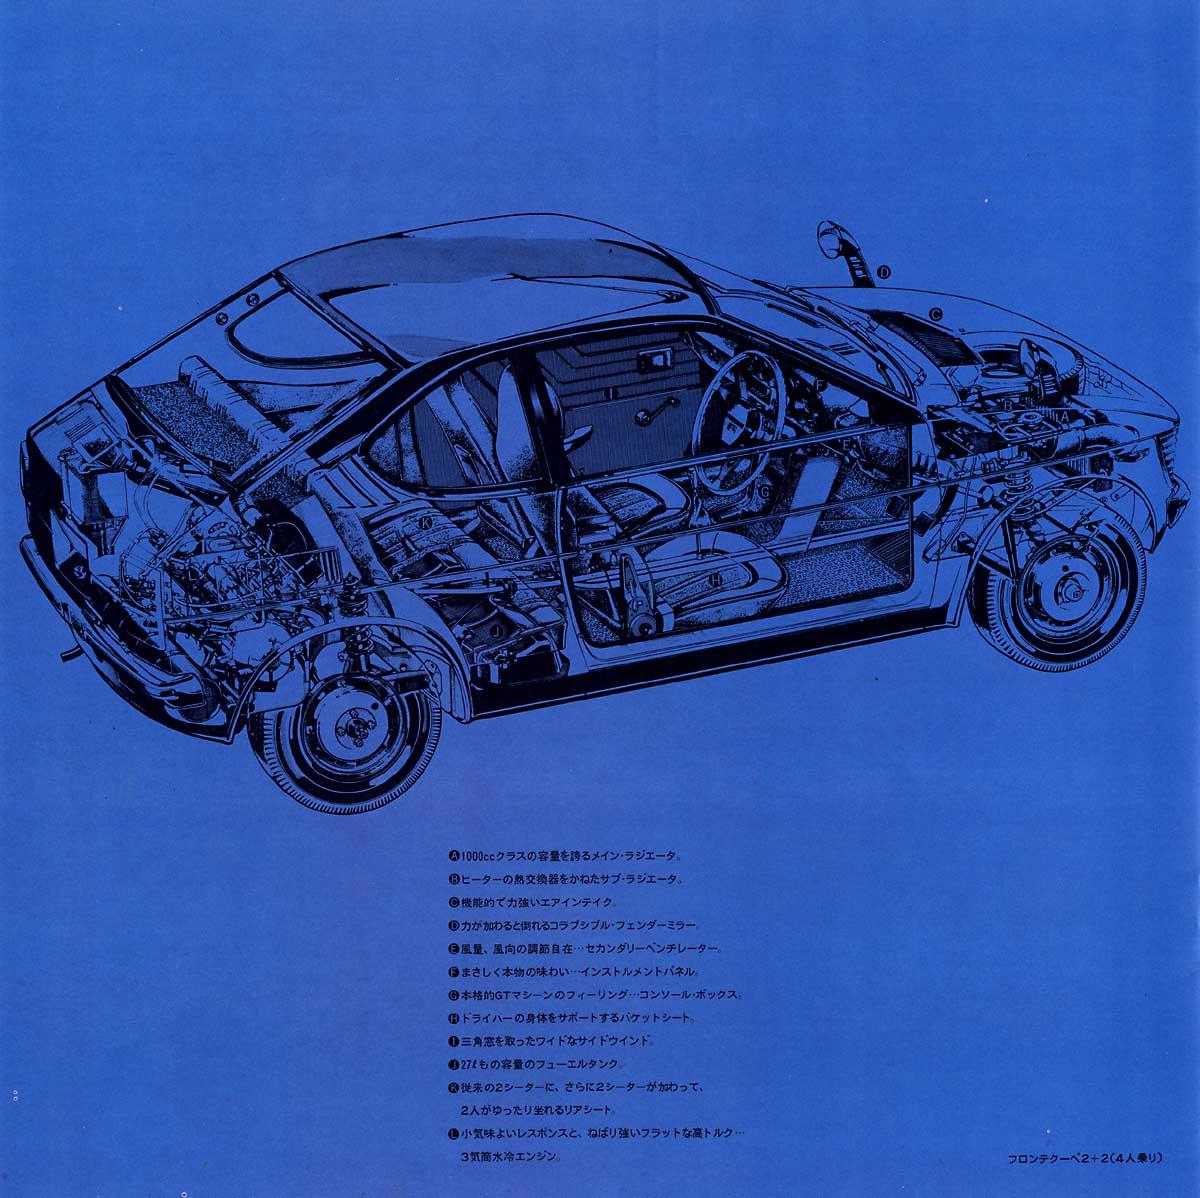 suzuki cervo ss20, małe auto, klasyczny kei car, samochody z Japonii, fajne auta